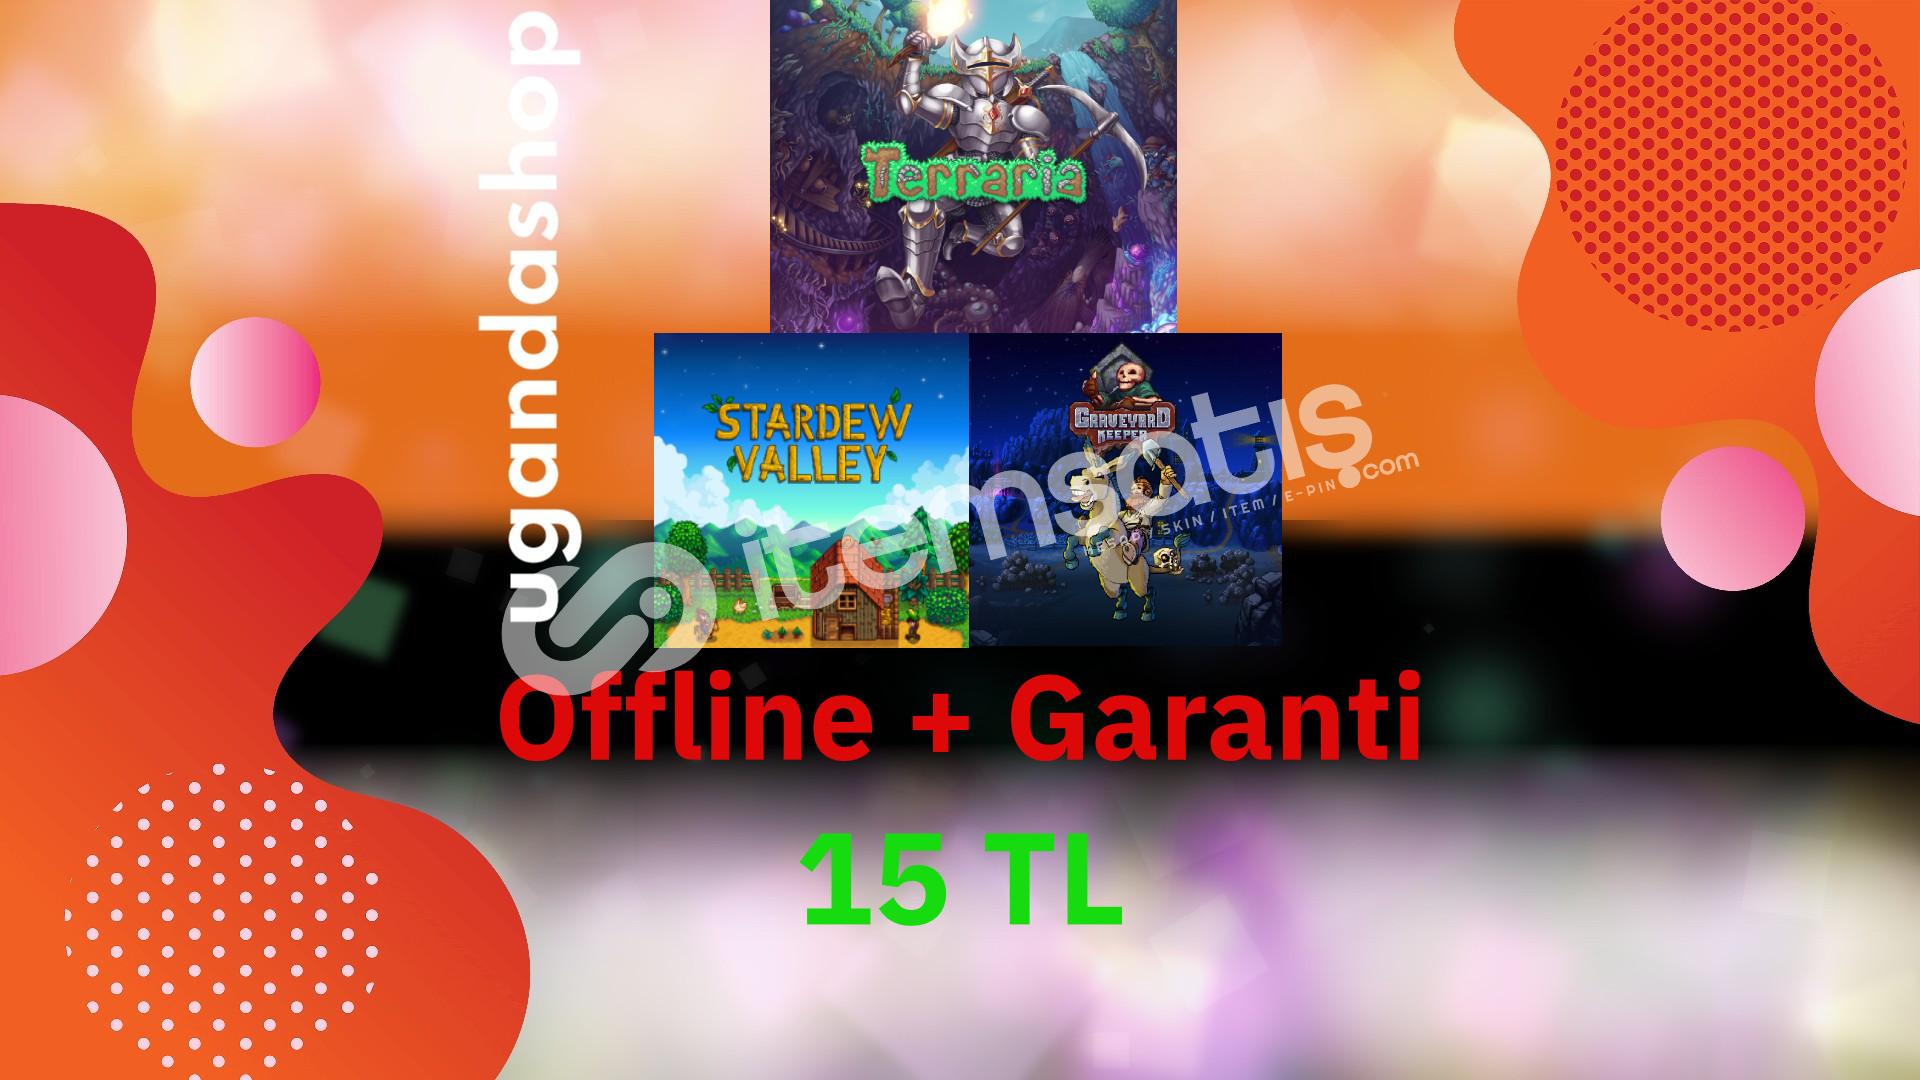 Stardew Valley + Terraria + Graveyard Keeper Offline Steam